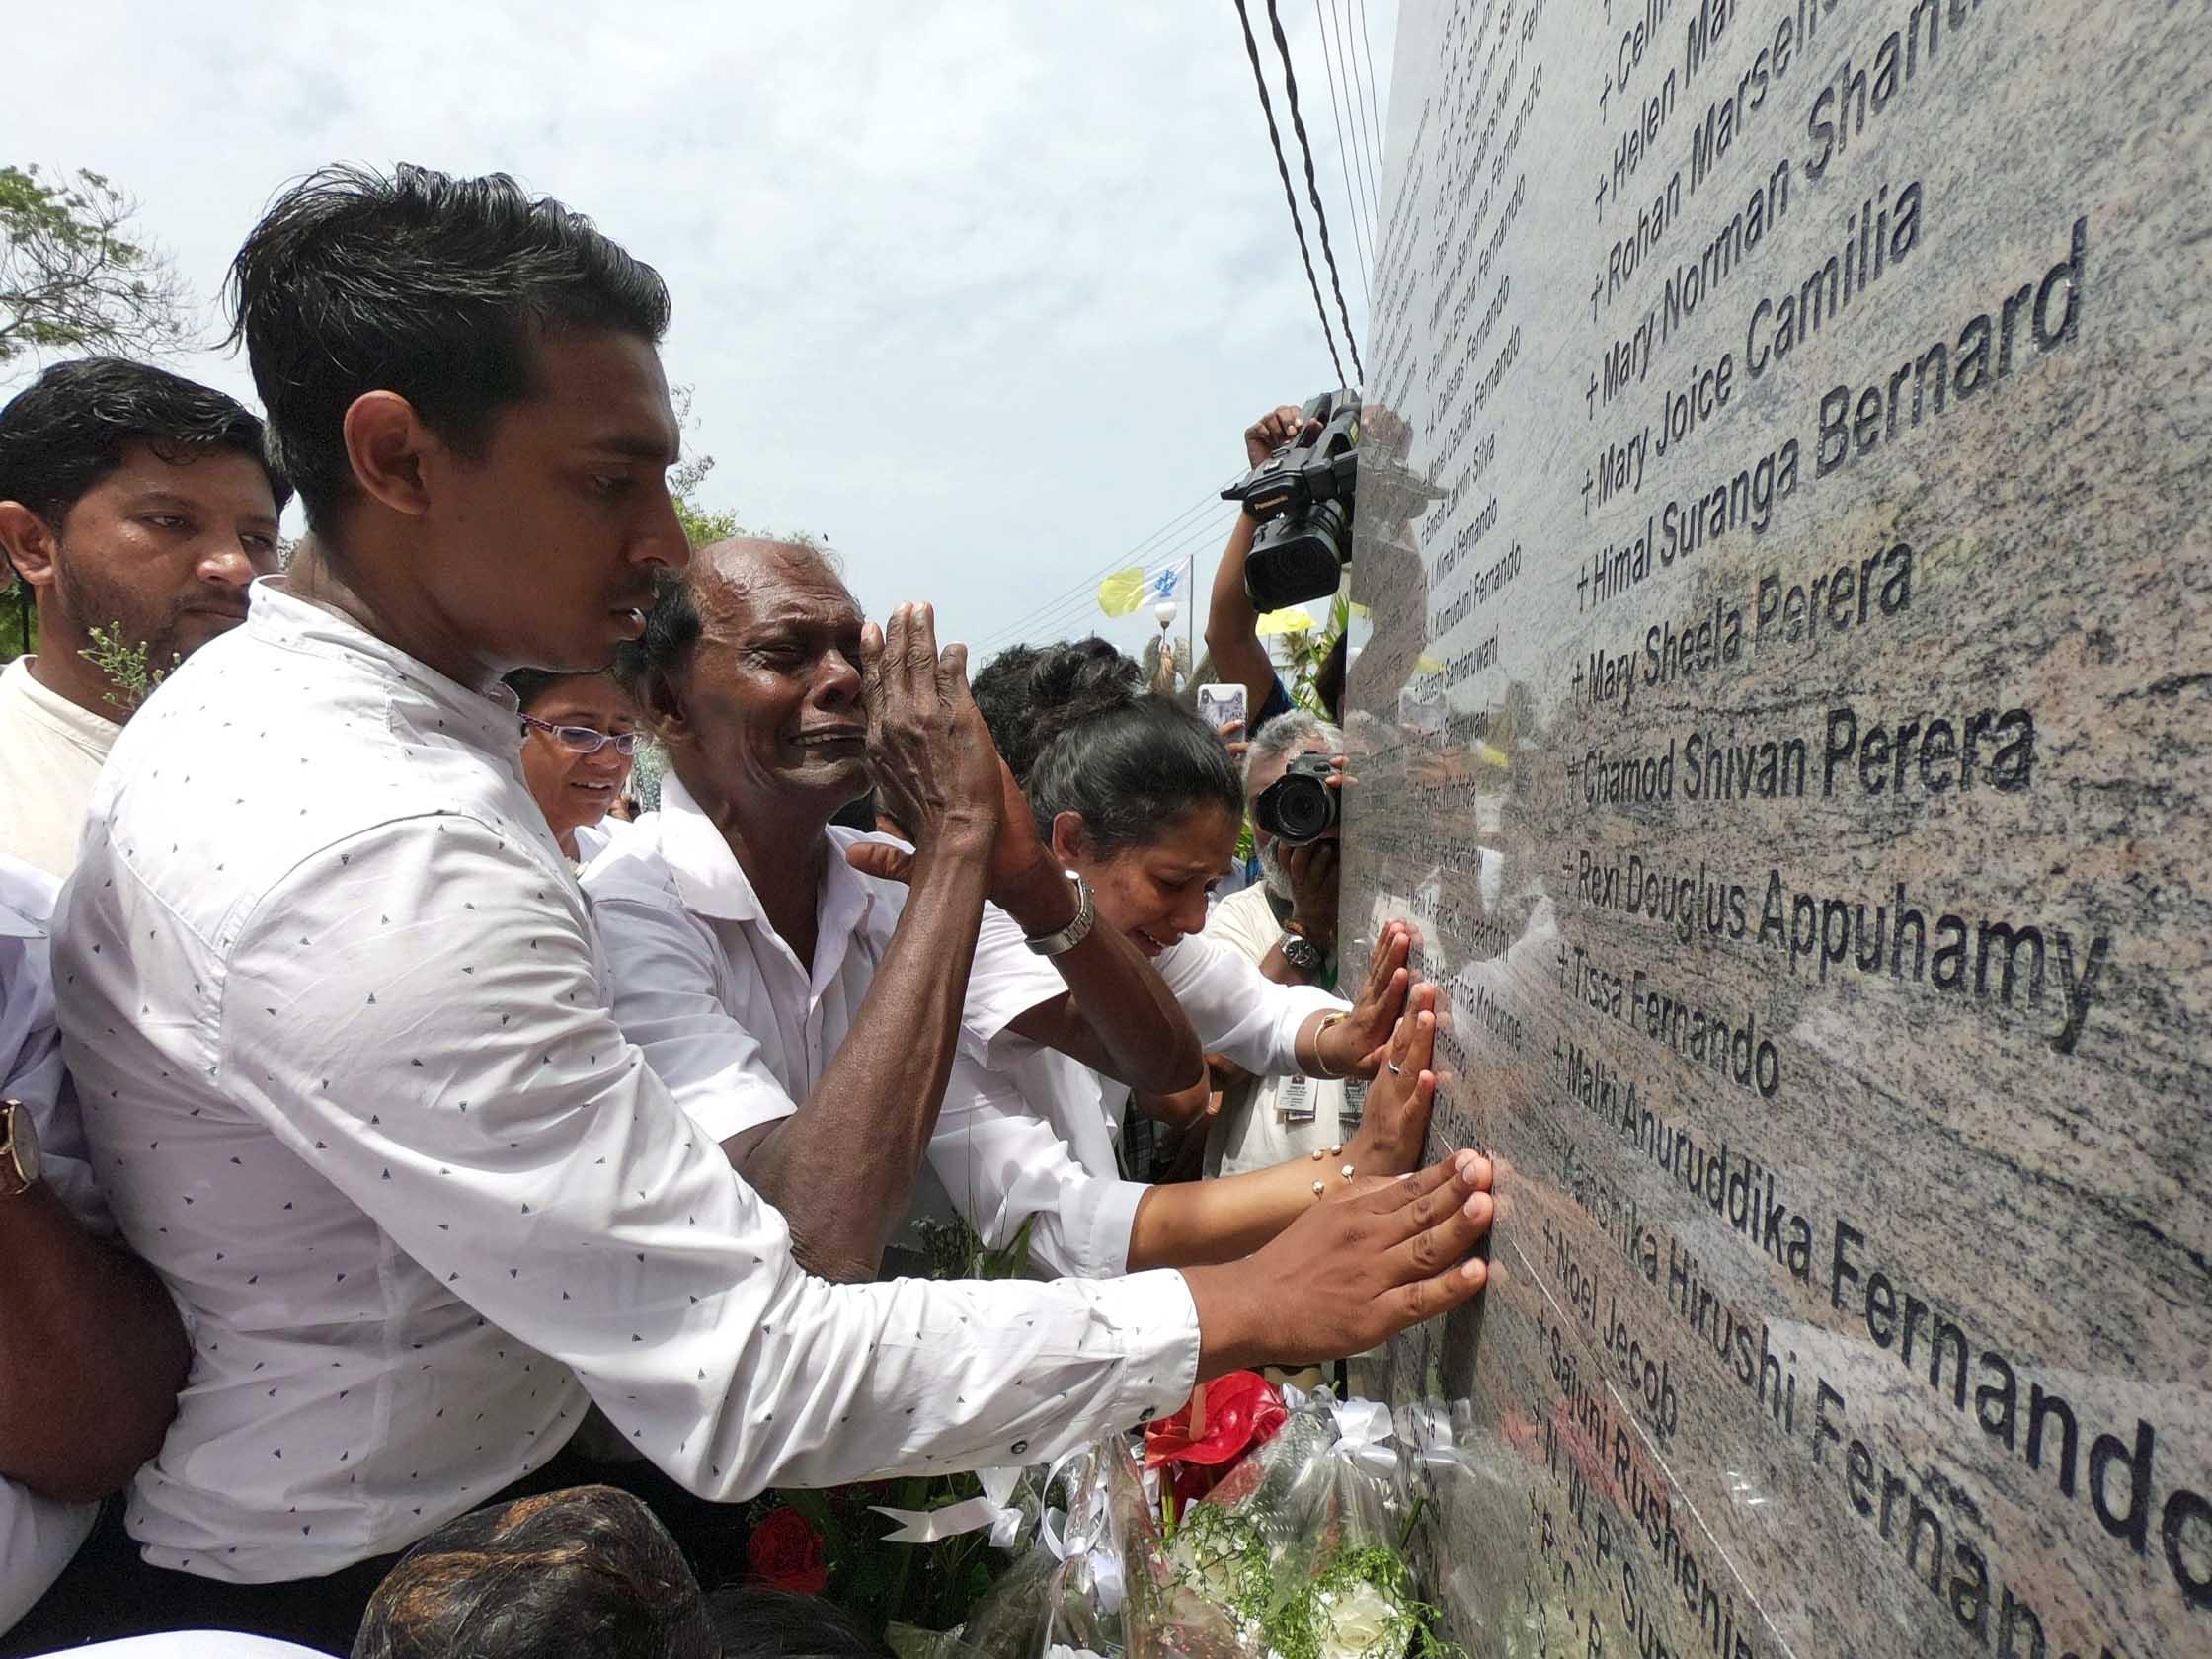 Angehörige vor einem Denkmal für Anschlagsopfer auf Sri Lanka. (Foto: Kirche in Not)